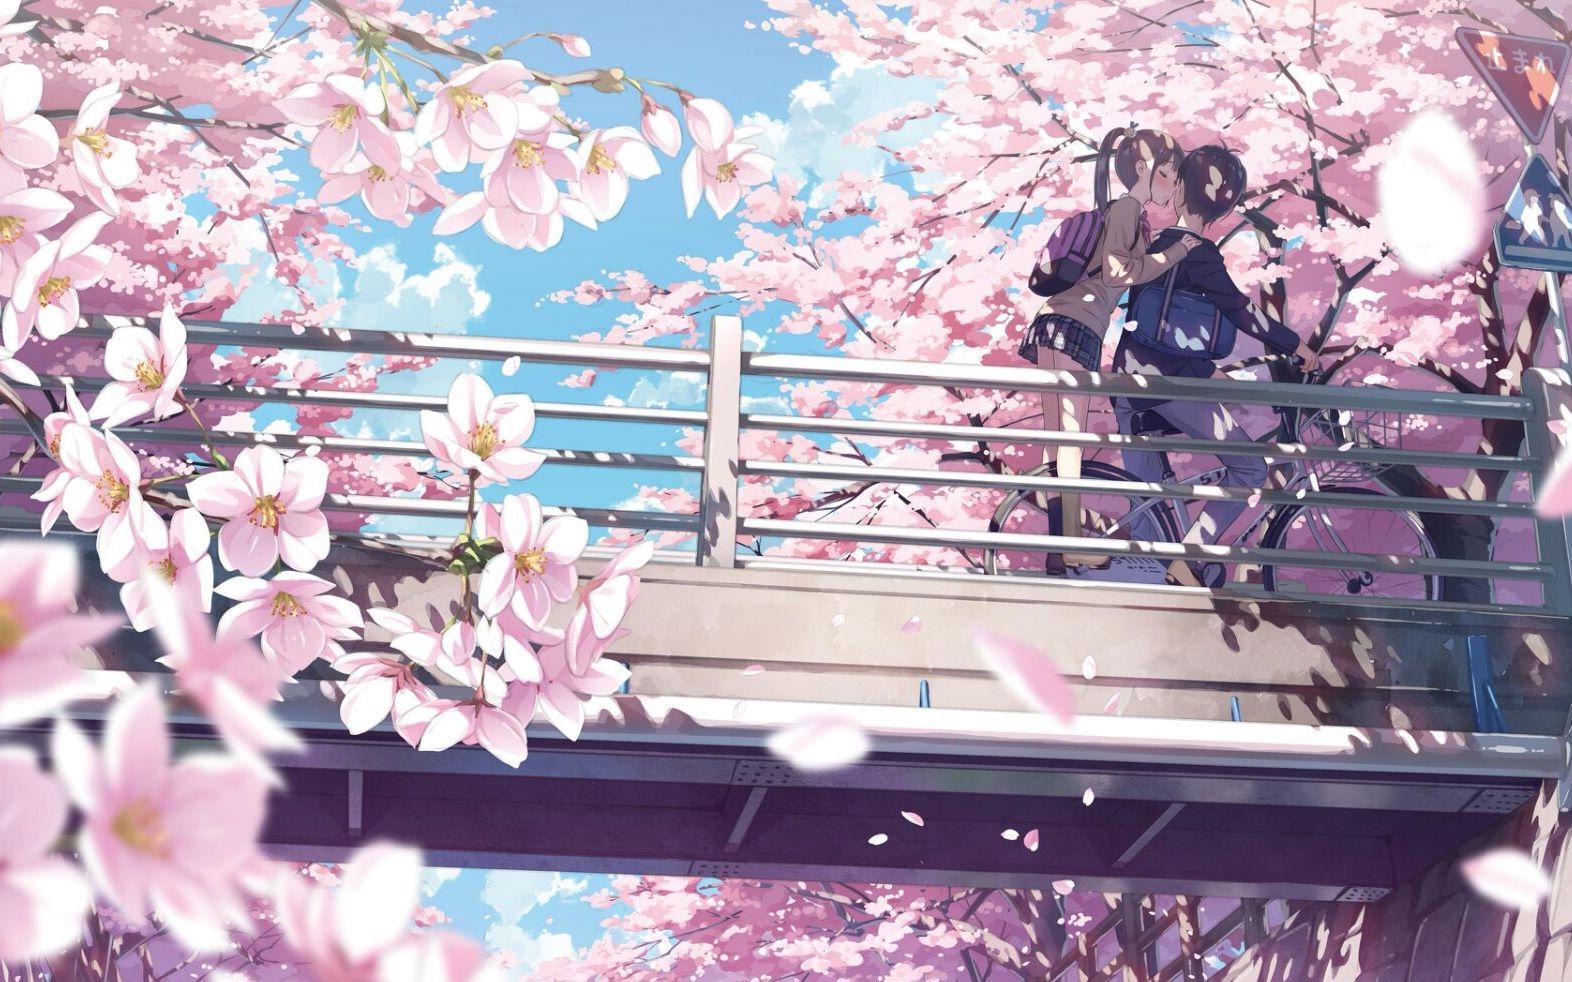 Anime hoa anh đào lãng mạn